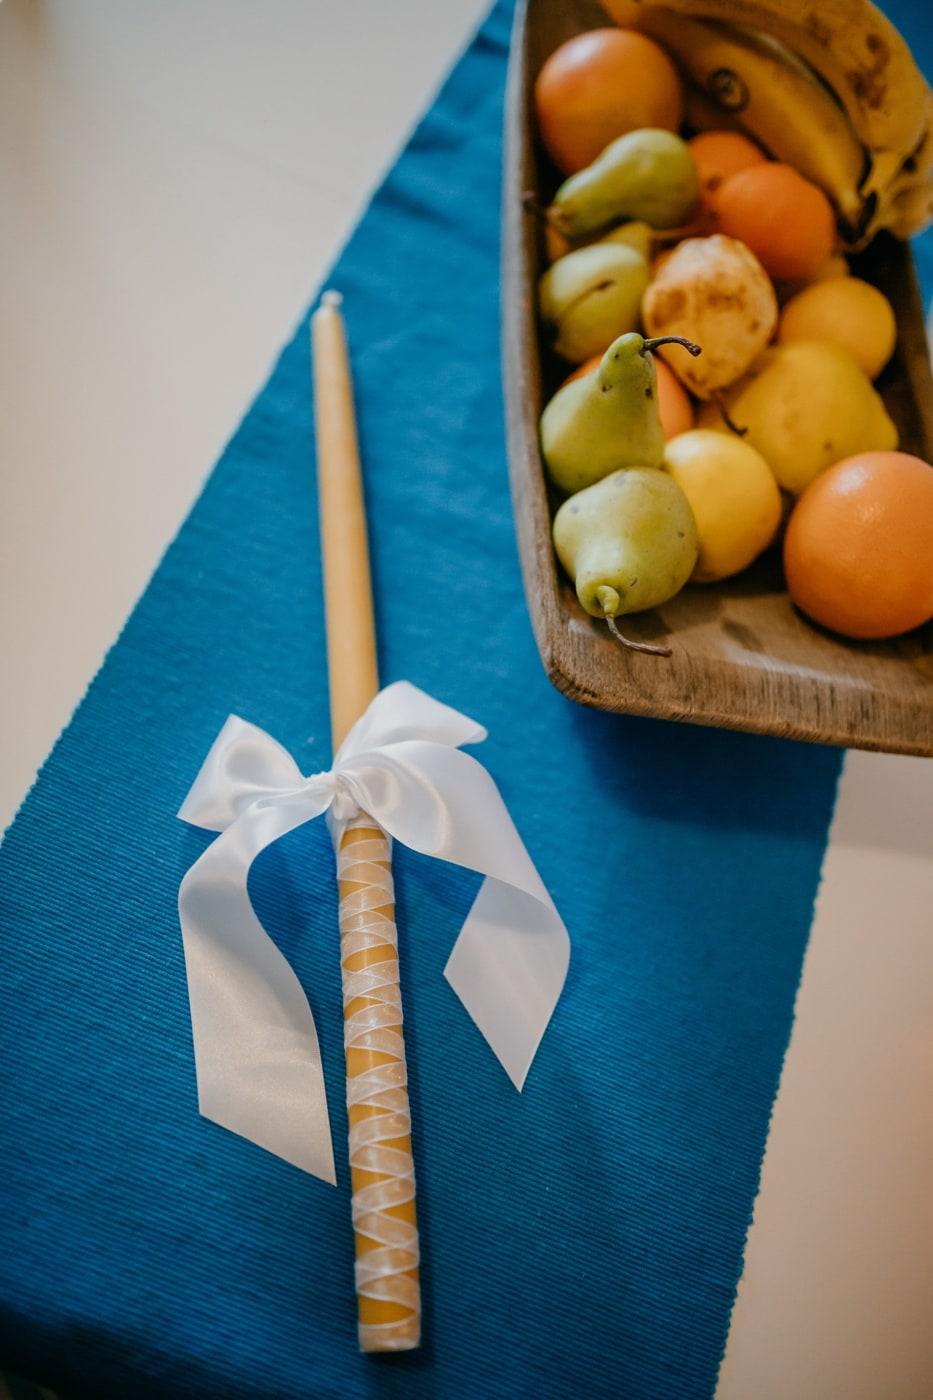 kaars, geelachtig, decoratie, lint, banaan, Kom, mandarijn, peren, vrucht, vers